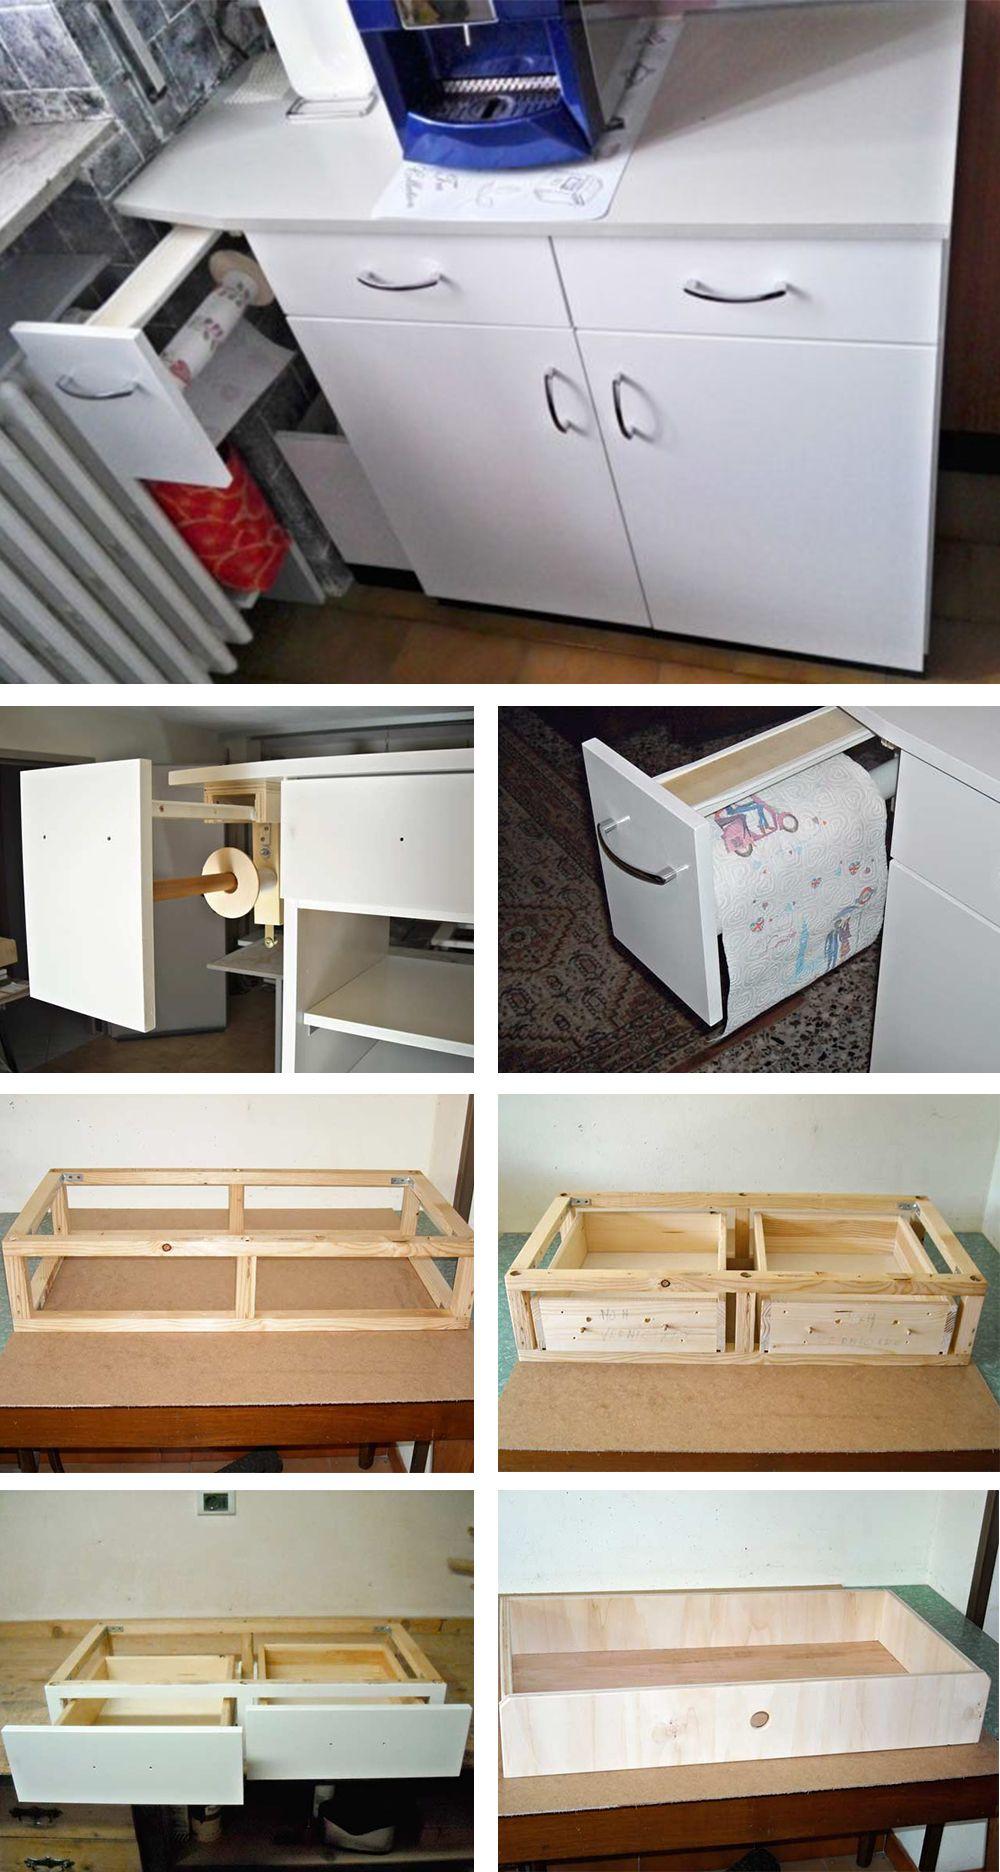 Ante Fai Da Te.Mobile Cucina Fai Da Te Con Portarotolo Mobili Da Cucina Cucina